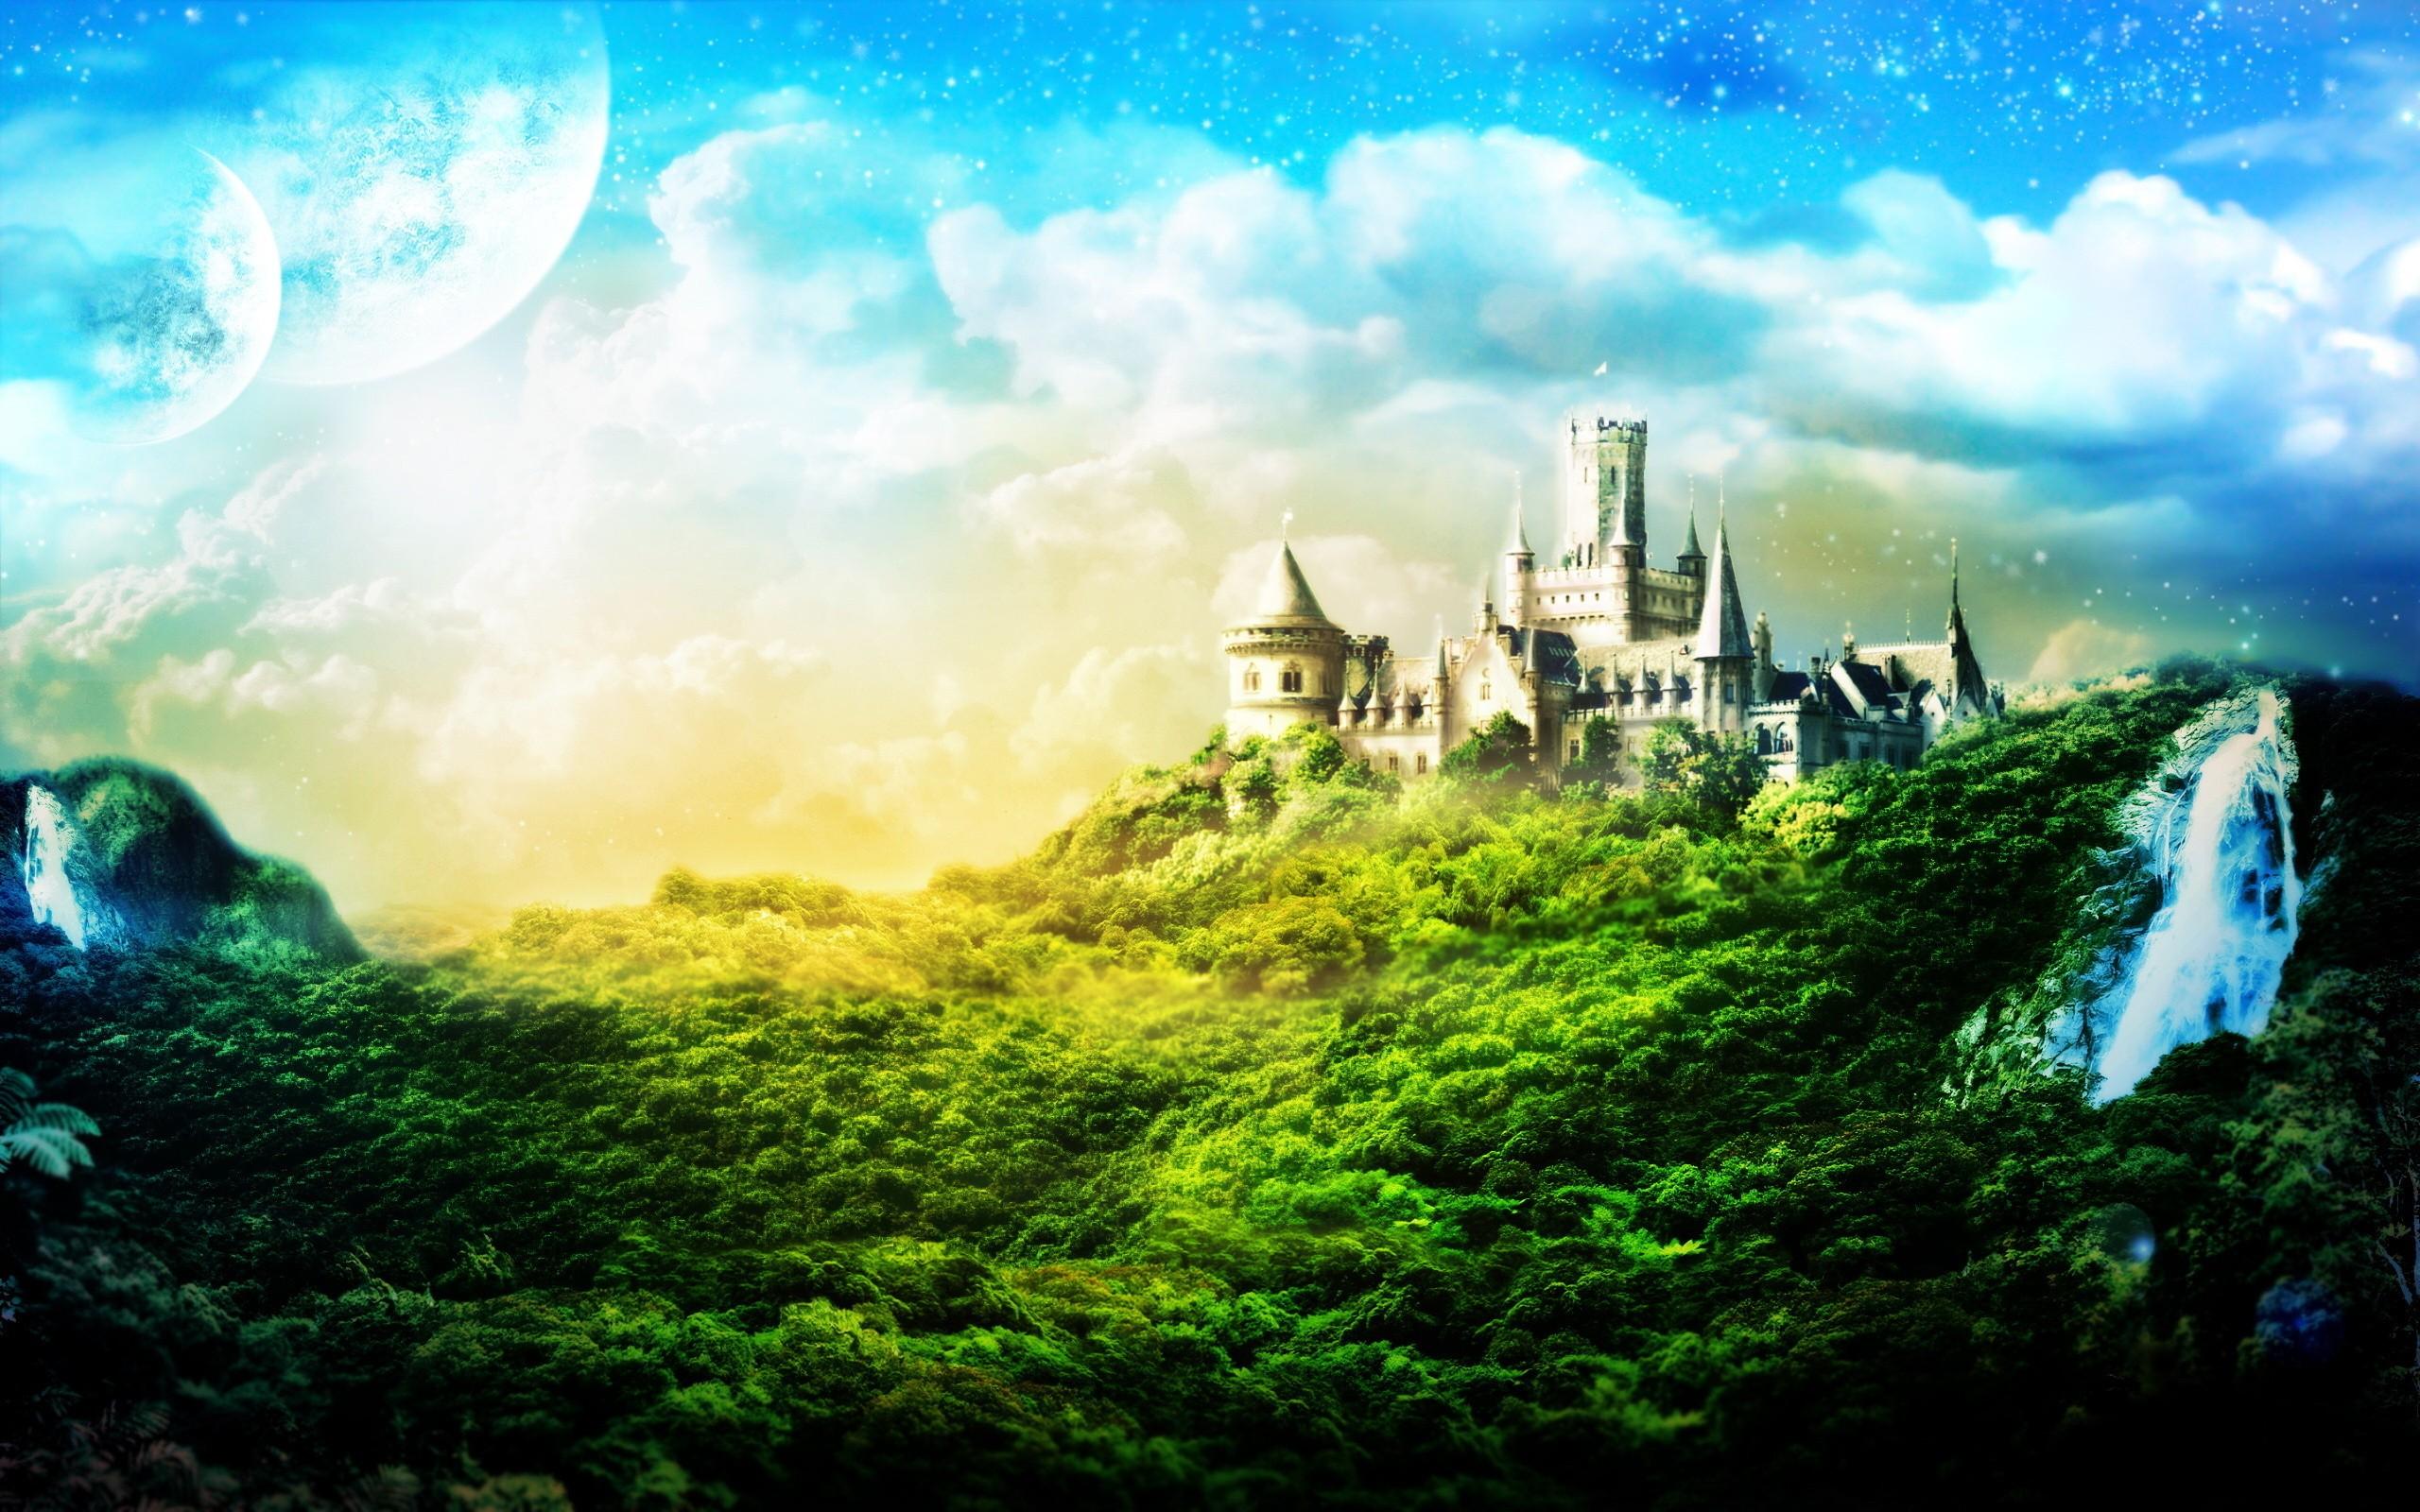 Замок в лучах света  № 917198 бесплатно